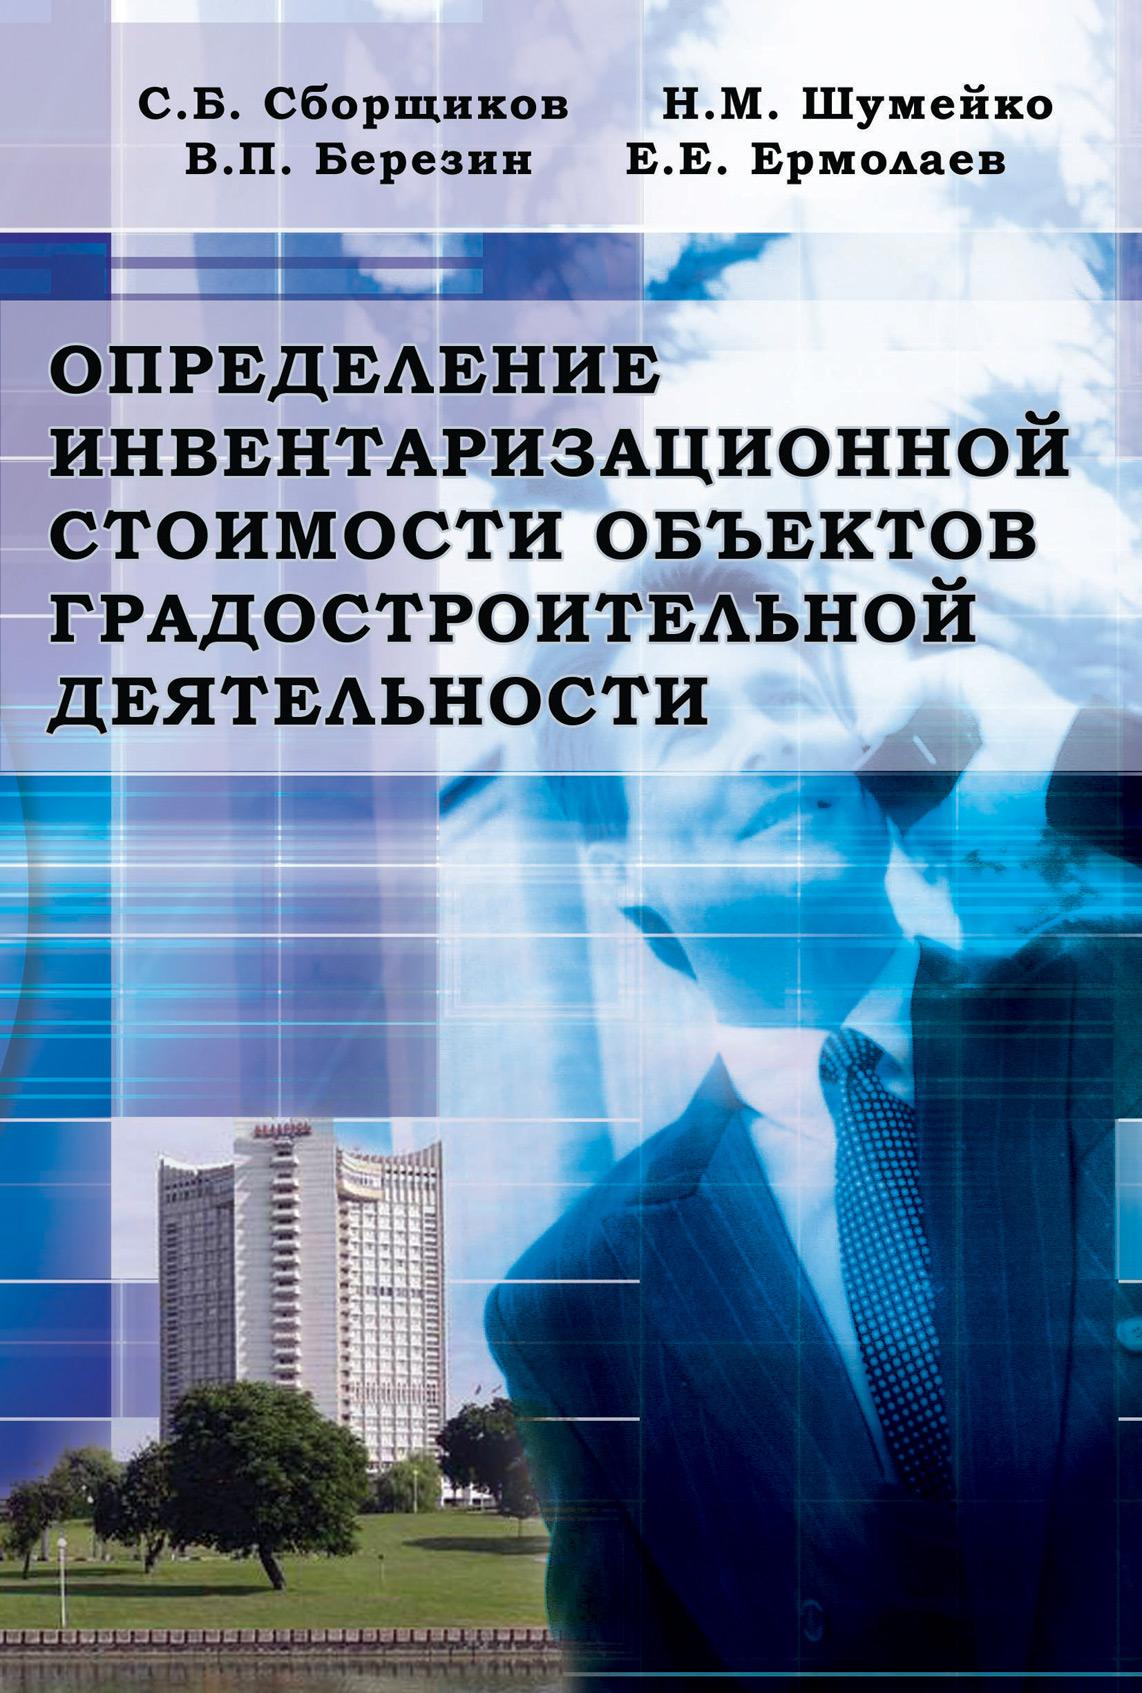 Коллектив авторов Определение инвентаризационной стоимости объектов градостроительной деятельности коллектив авторов определение инвентаризационной стоимости объектов градостроительной деятельности